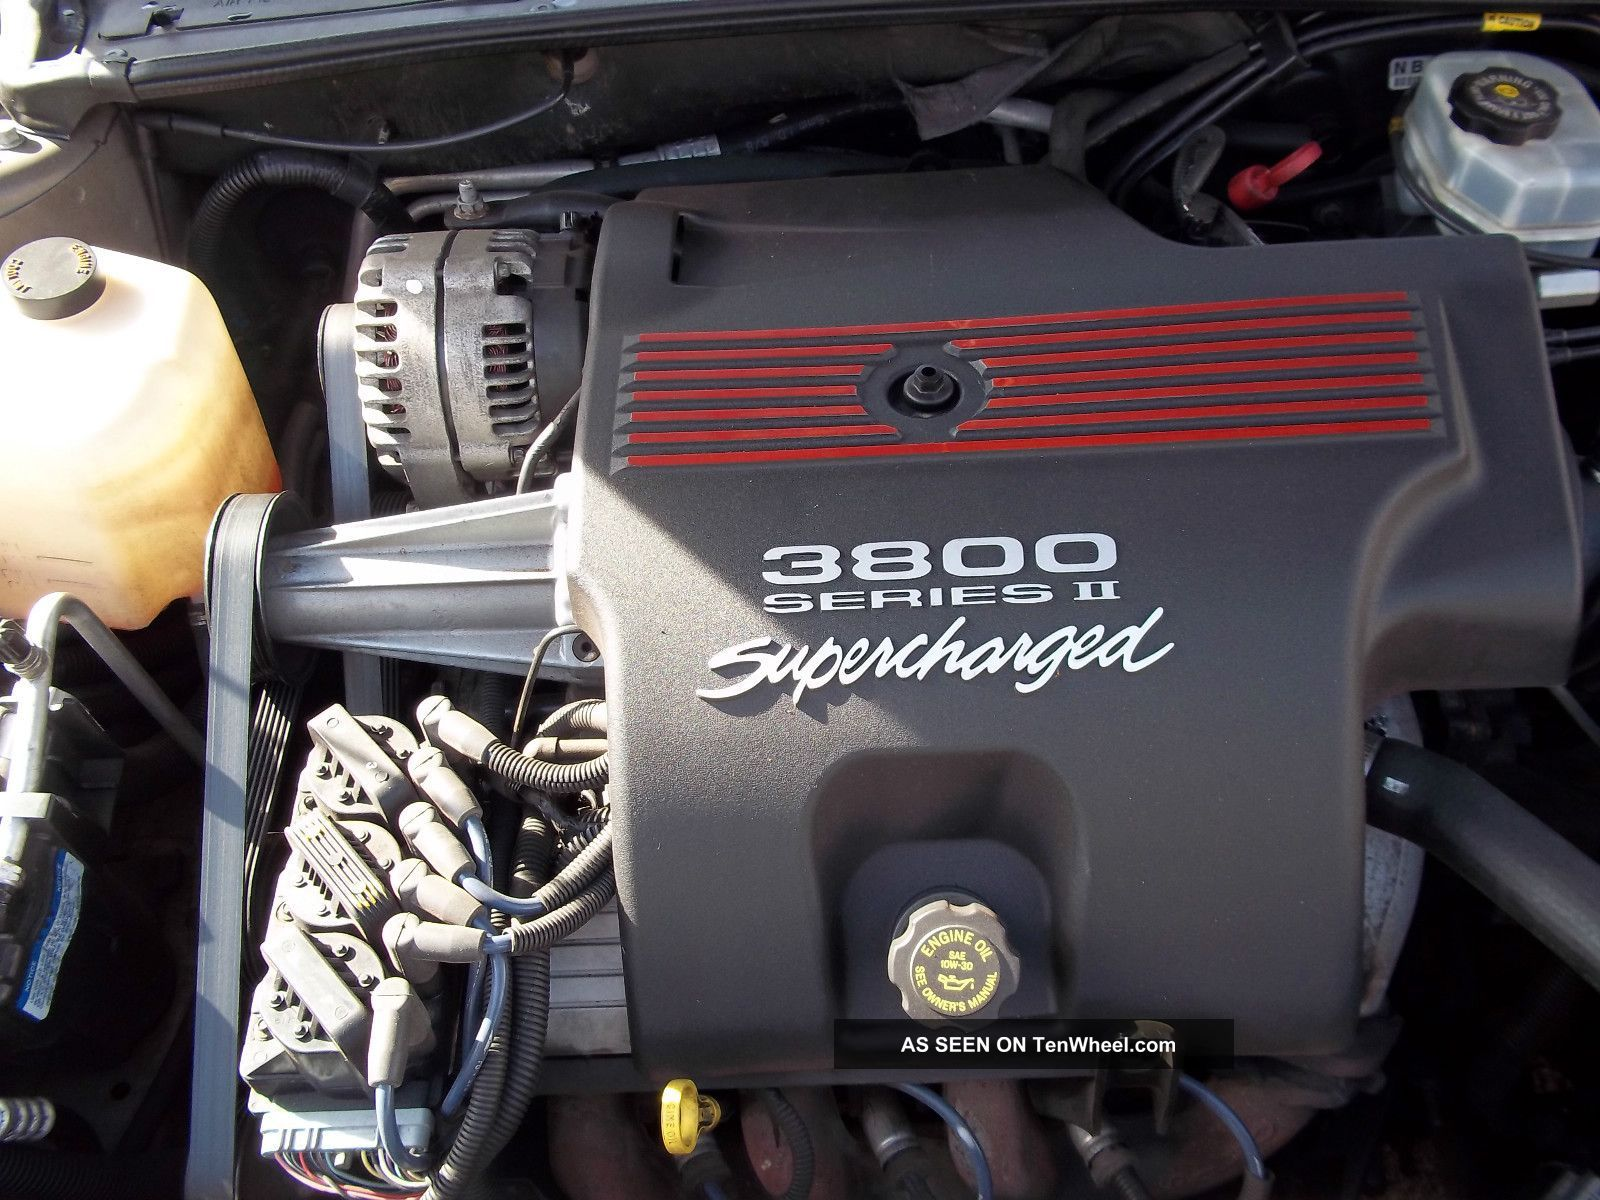 pontiac bonneville ssei photos - Google Search Pontiac Bonneville, Autos